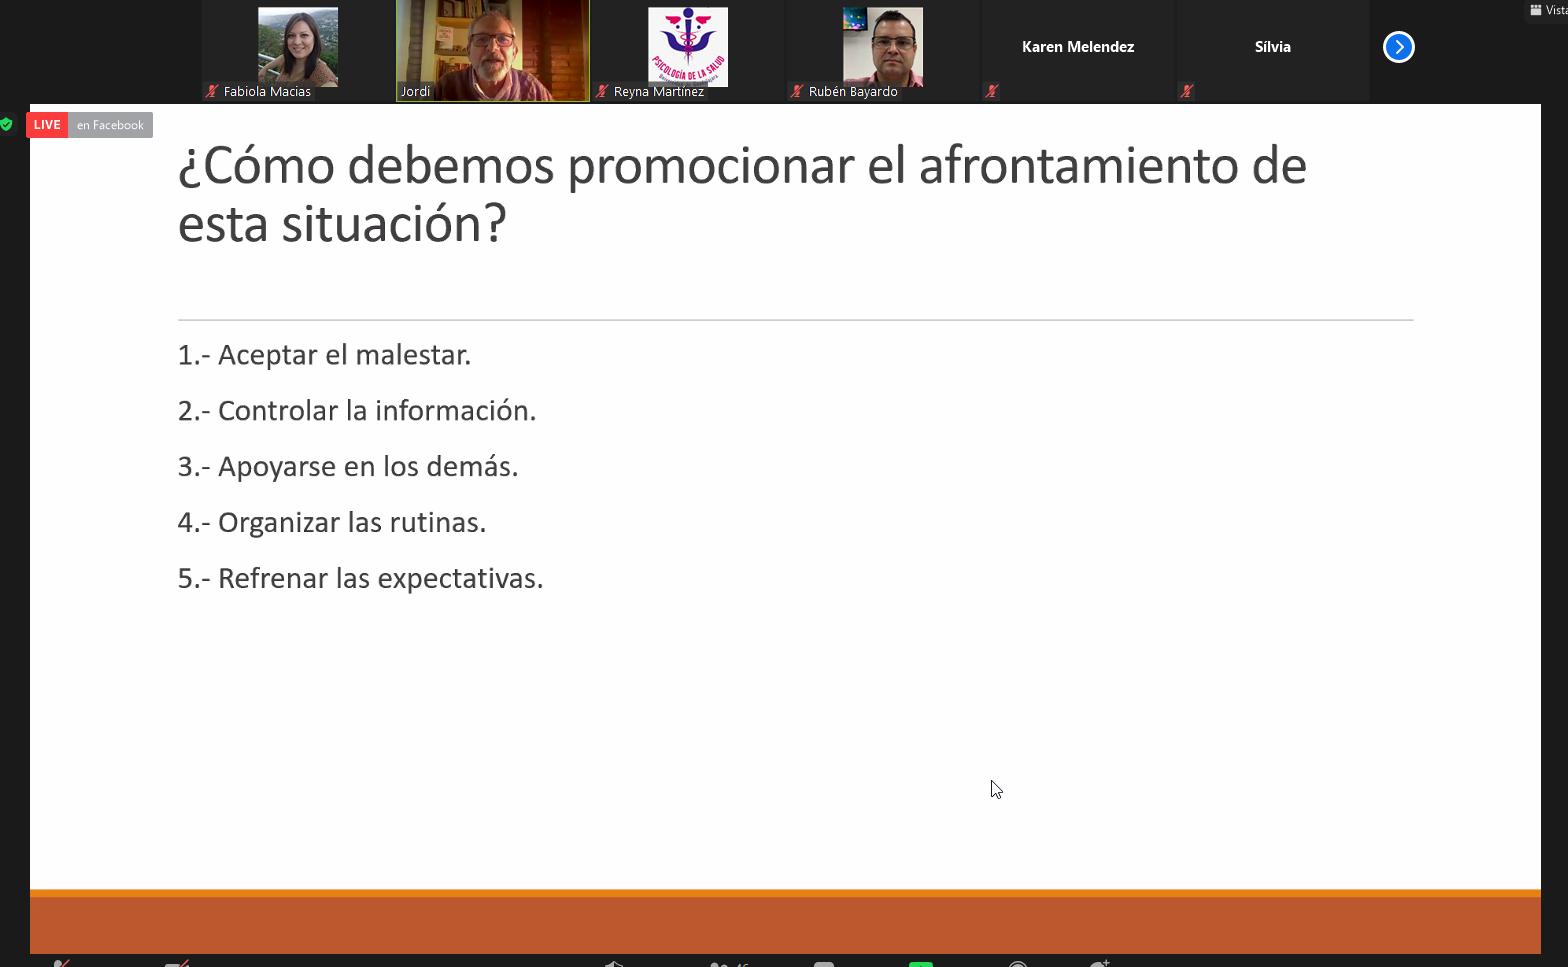 Diapositiva de apoyo de la conferencia